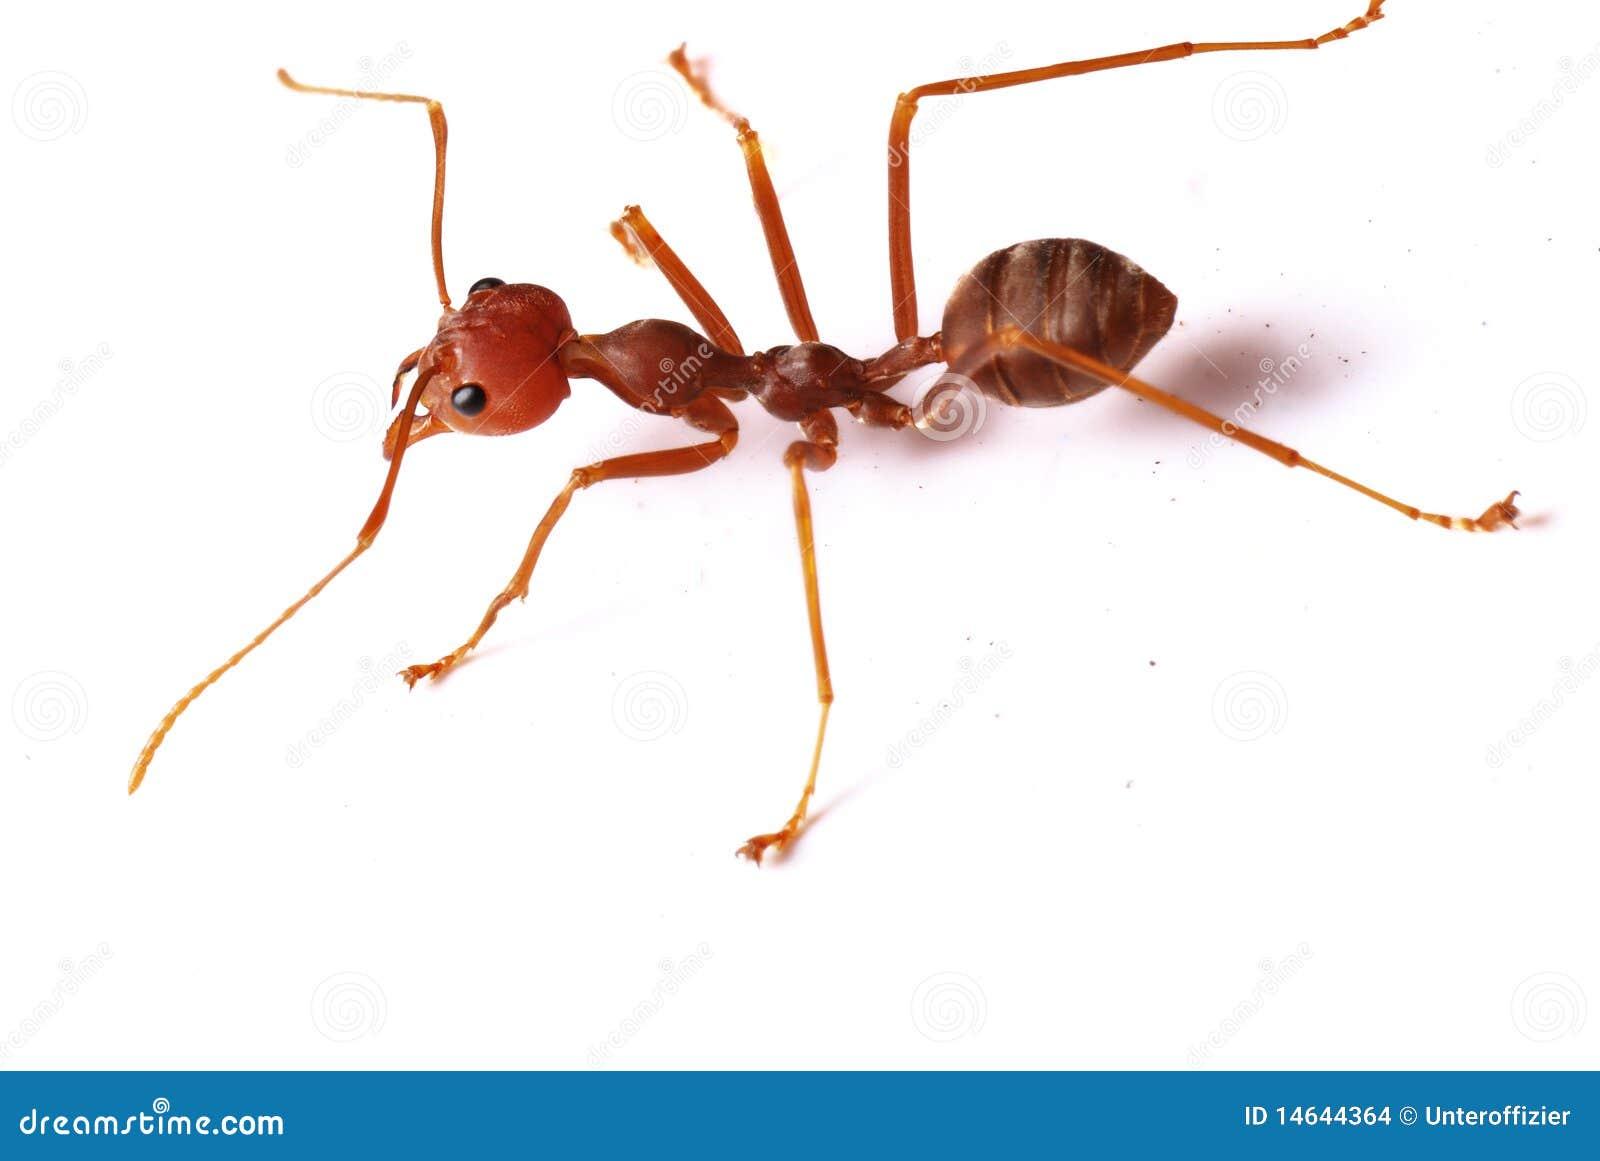 Einzelne rote Ameise stockfoto. Bild von jagd, biologie - 14644364